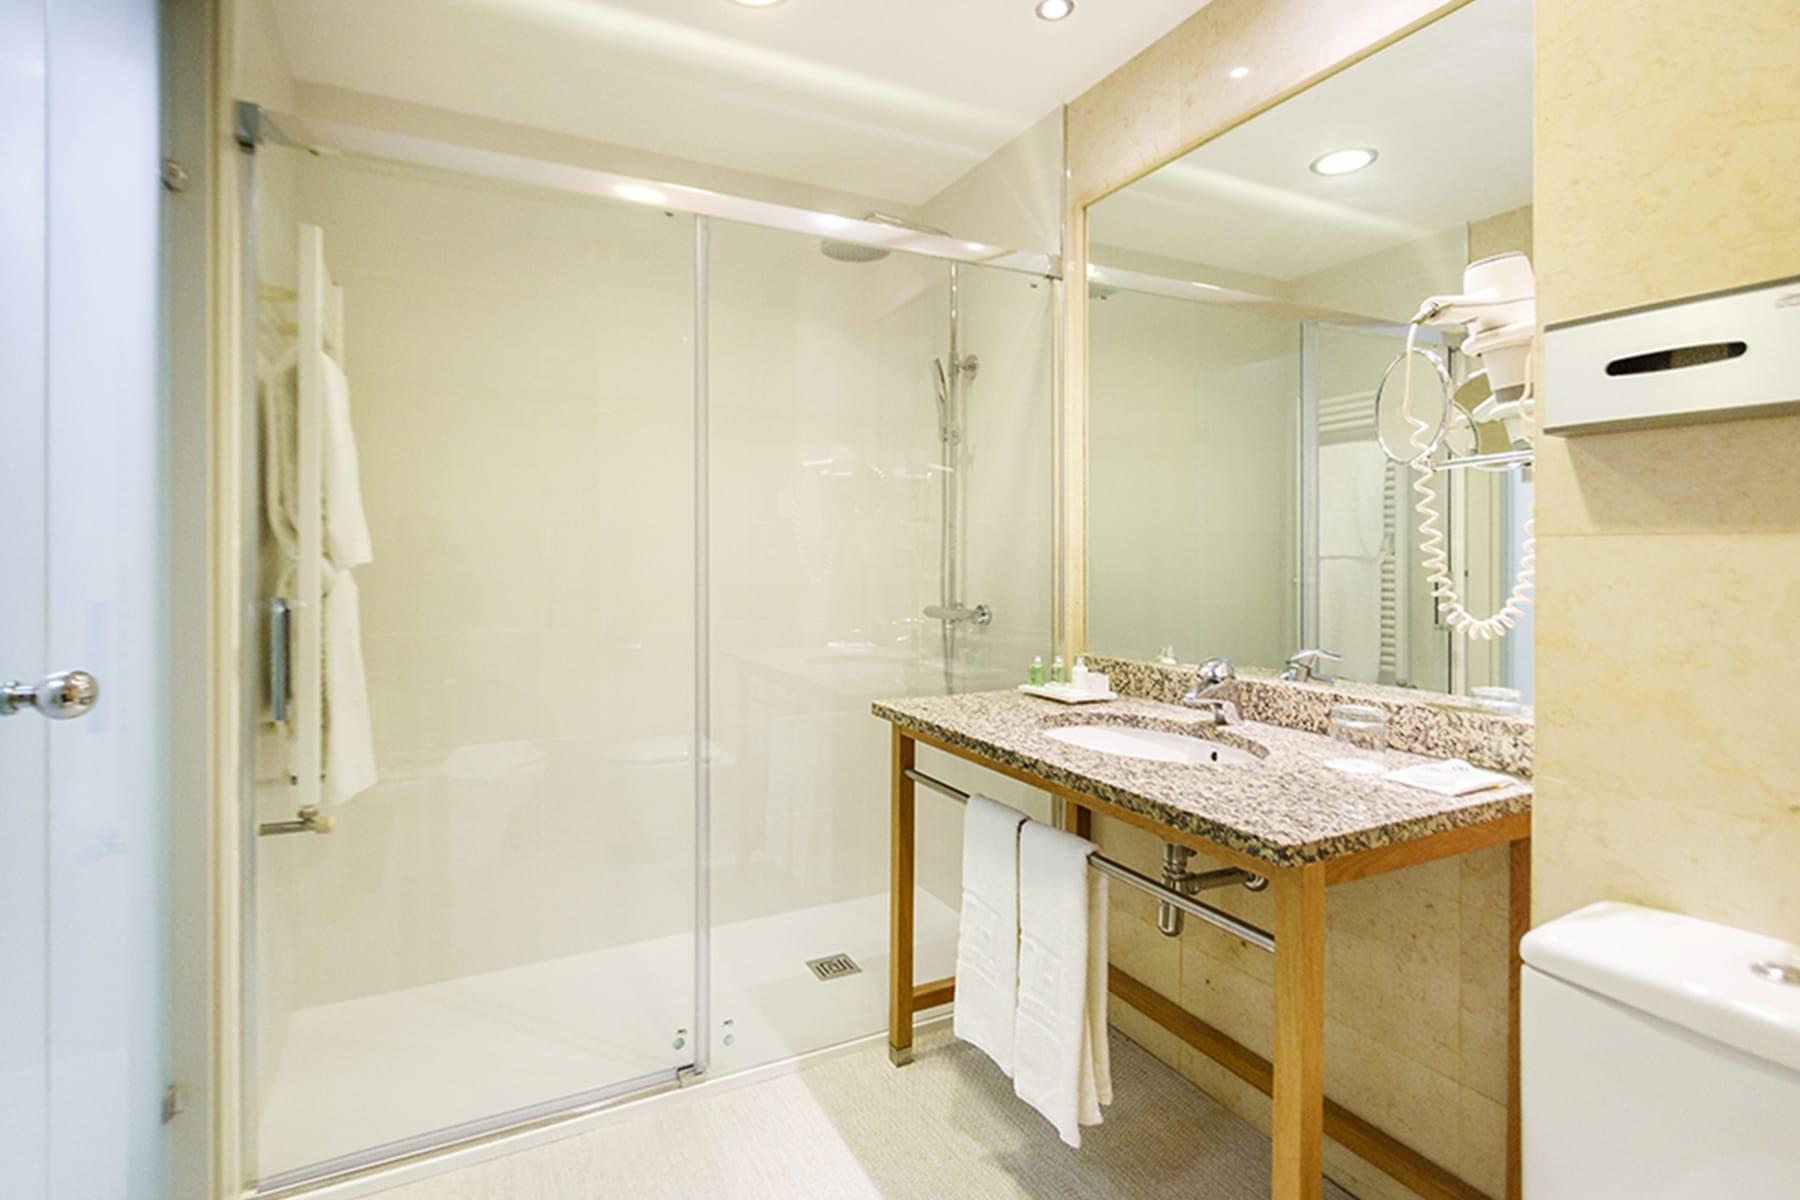 Hotel_Coruña_Bathroom